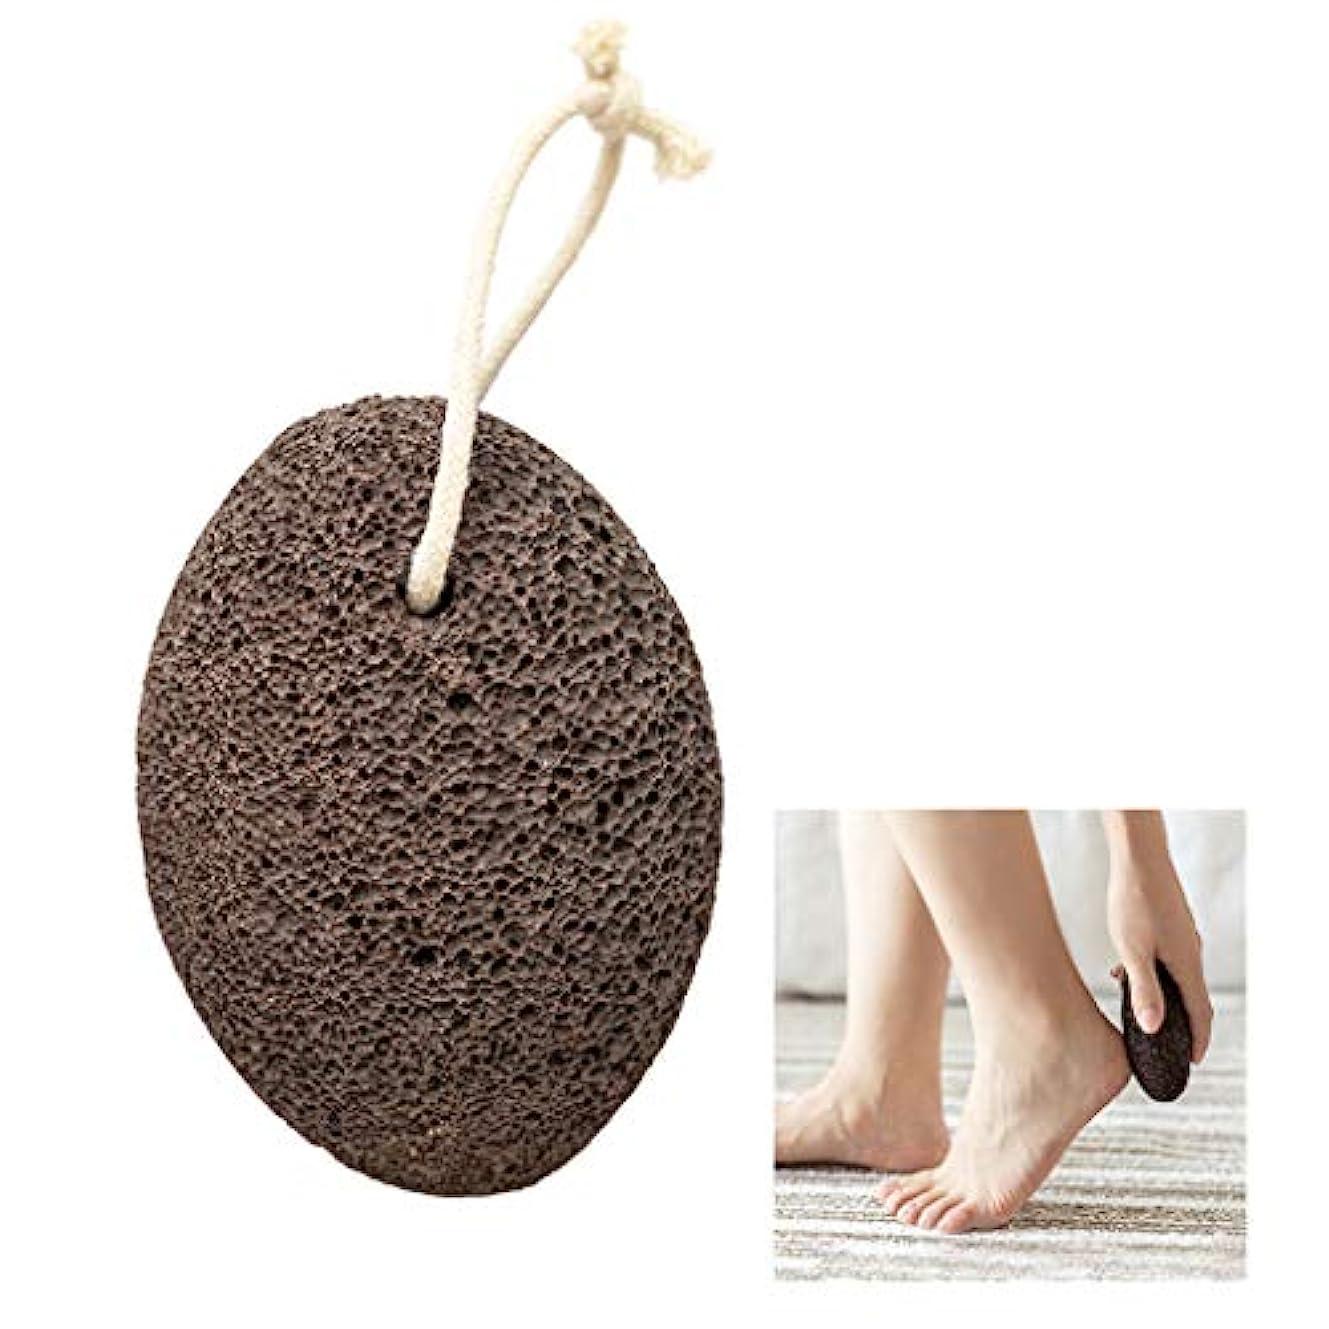 対抗変動する前文足の石、死んだ肌にヒール、ペディキュア火山岩、家庭用バスルーム製品、大人に適した、ハングアップすることができます。,Brown